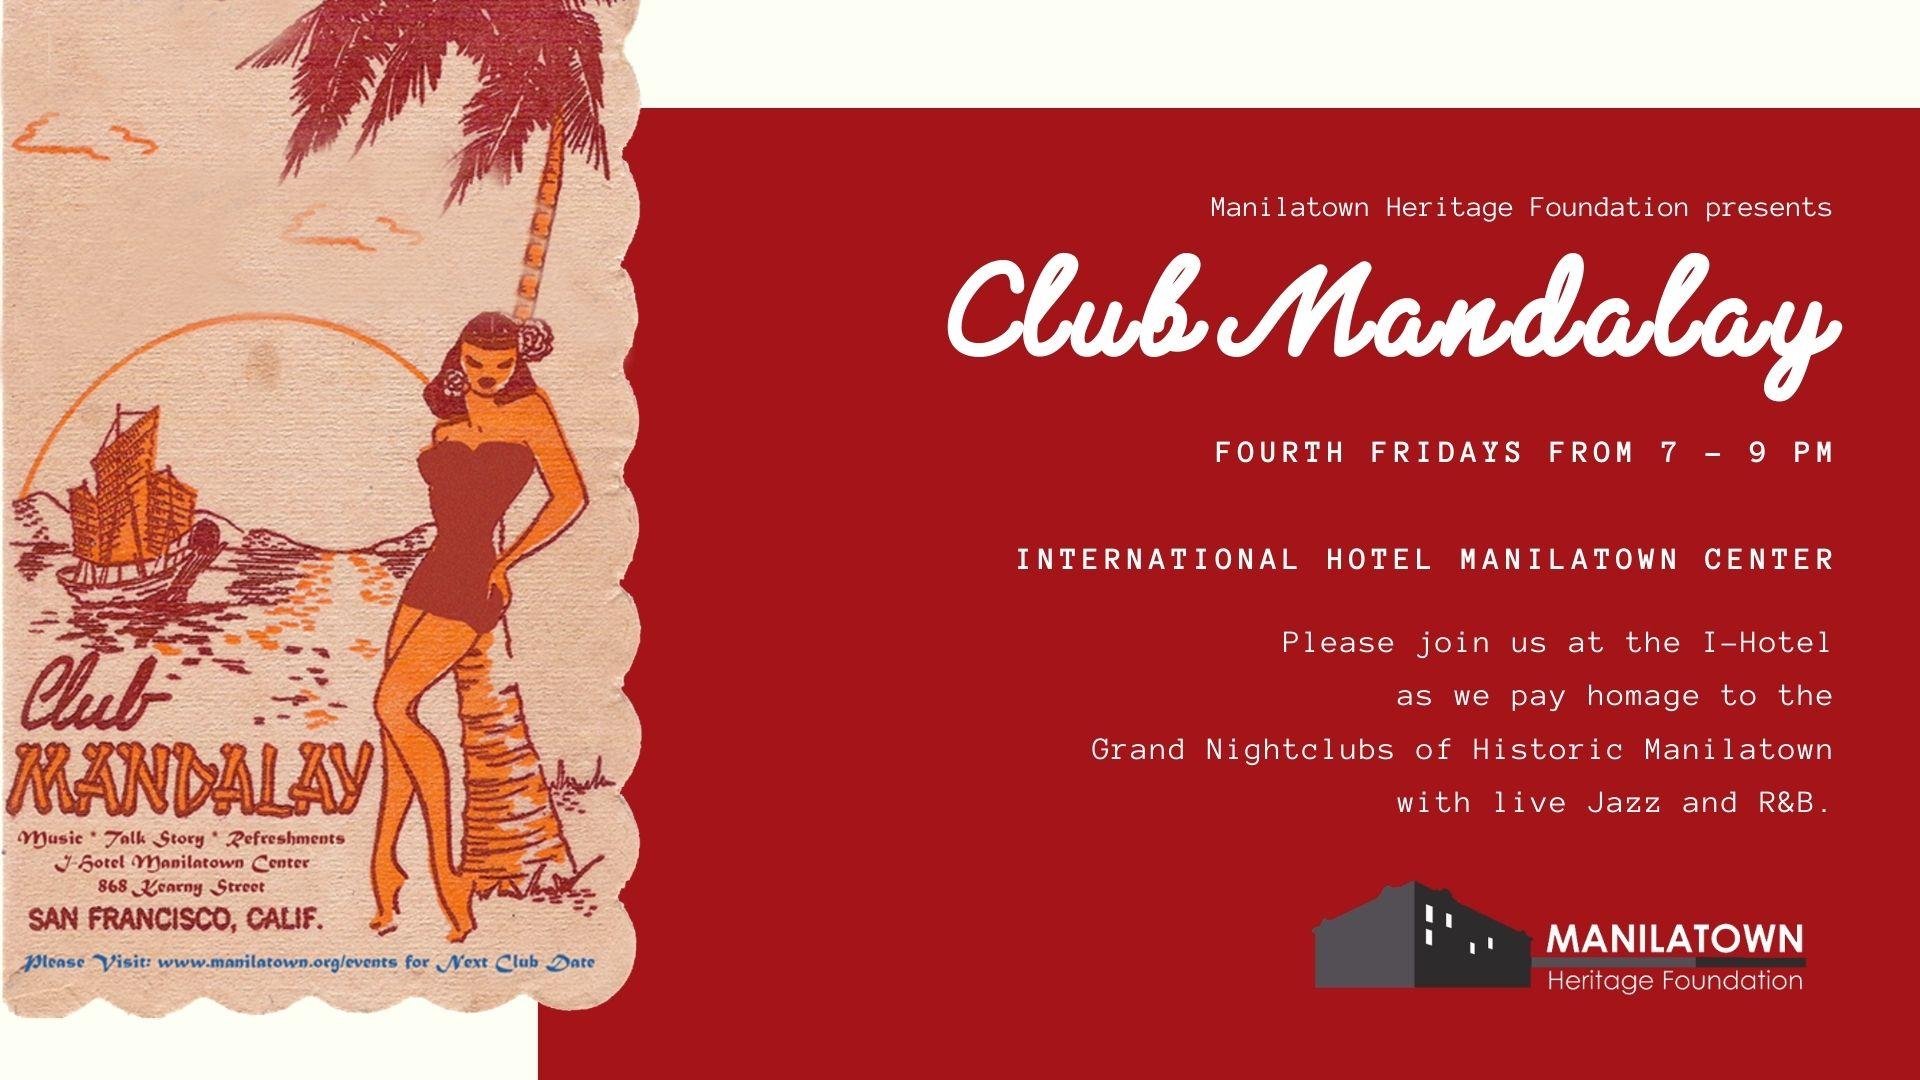 Club Mandalay Facebook_Eventbrite